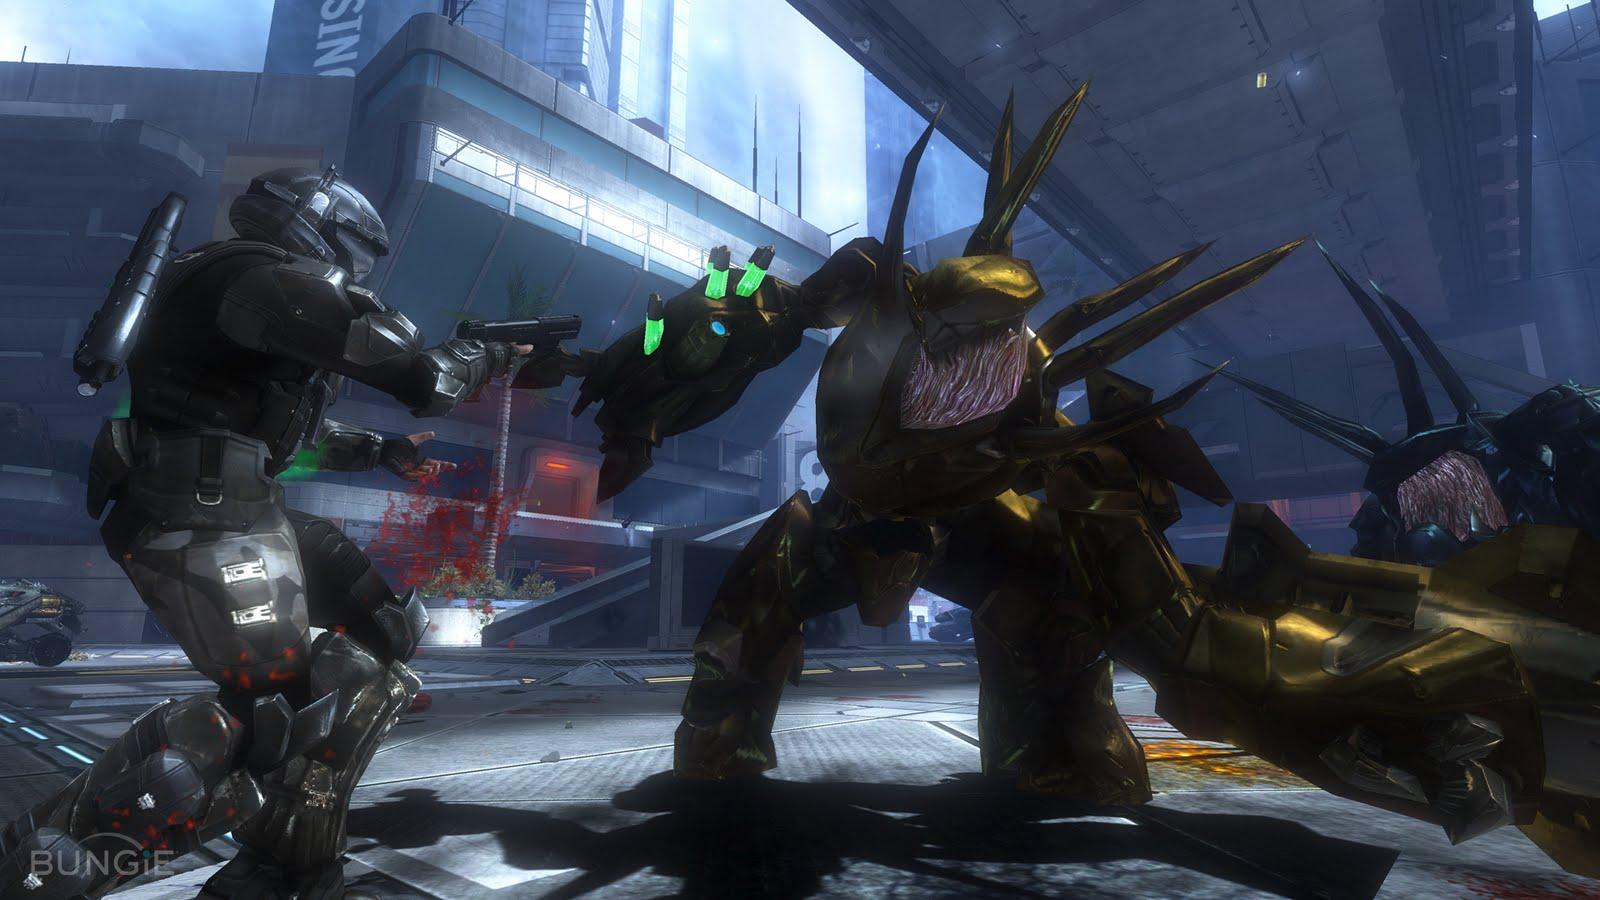 Neko random halo 3 odst review - Halo odst images ...